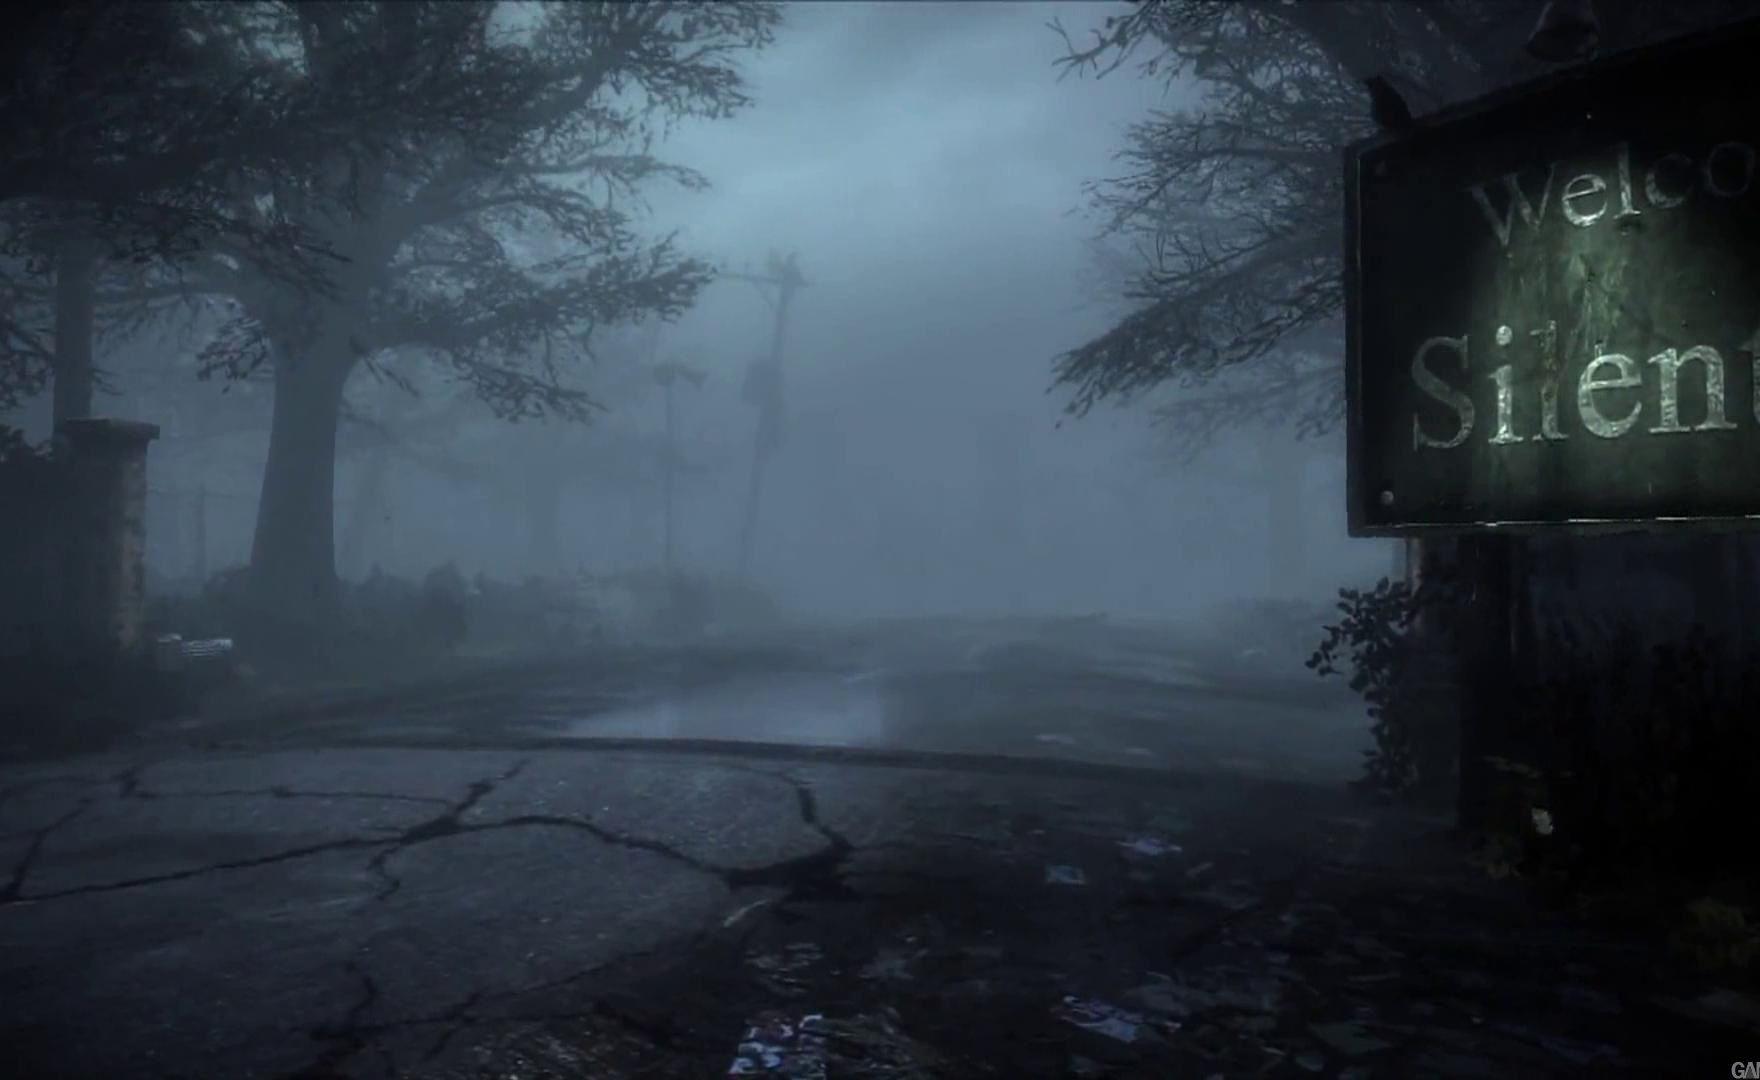 Silent Hill sarebbe solo uno dei nuovi giochi Konami in arrivo